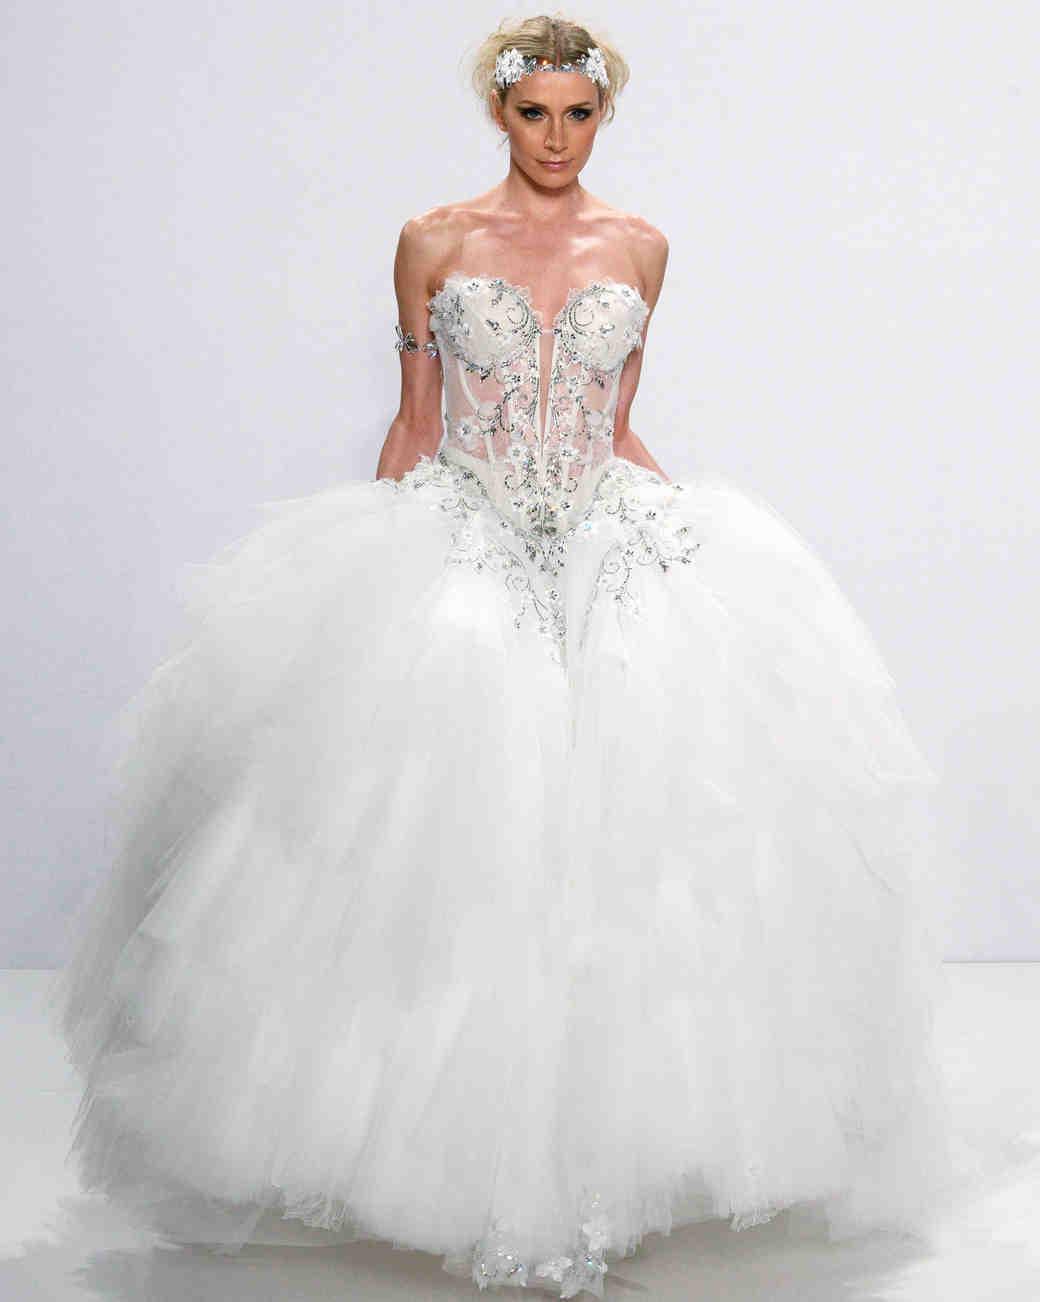 Pnina Tornai Corset Wedding Dress. With Pnina Tornai Corset Wedding ...